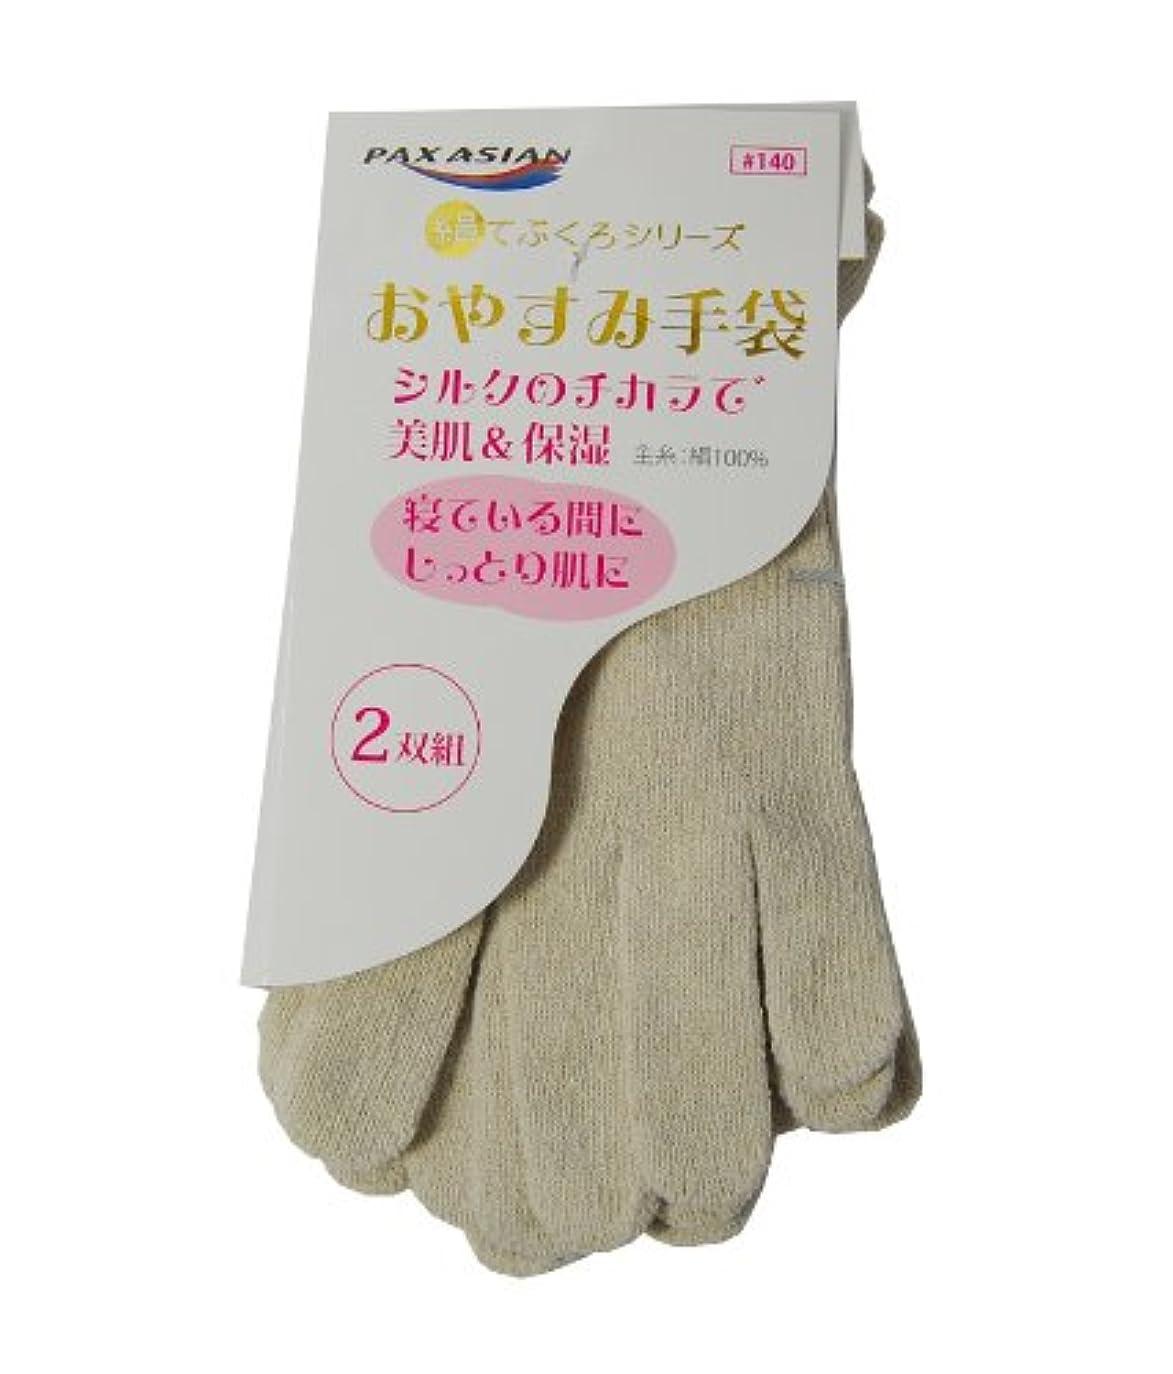 大聖堂植物学キッチンPAX-ASIAN おやすみ シルク手袋 フレアータイプ 絹 100% ソフト 婦人用 2双組 #140